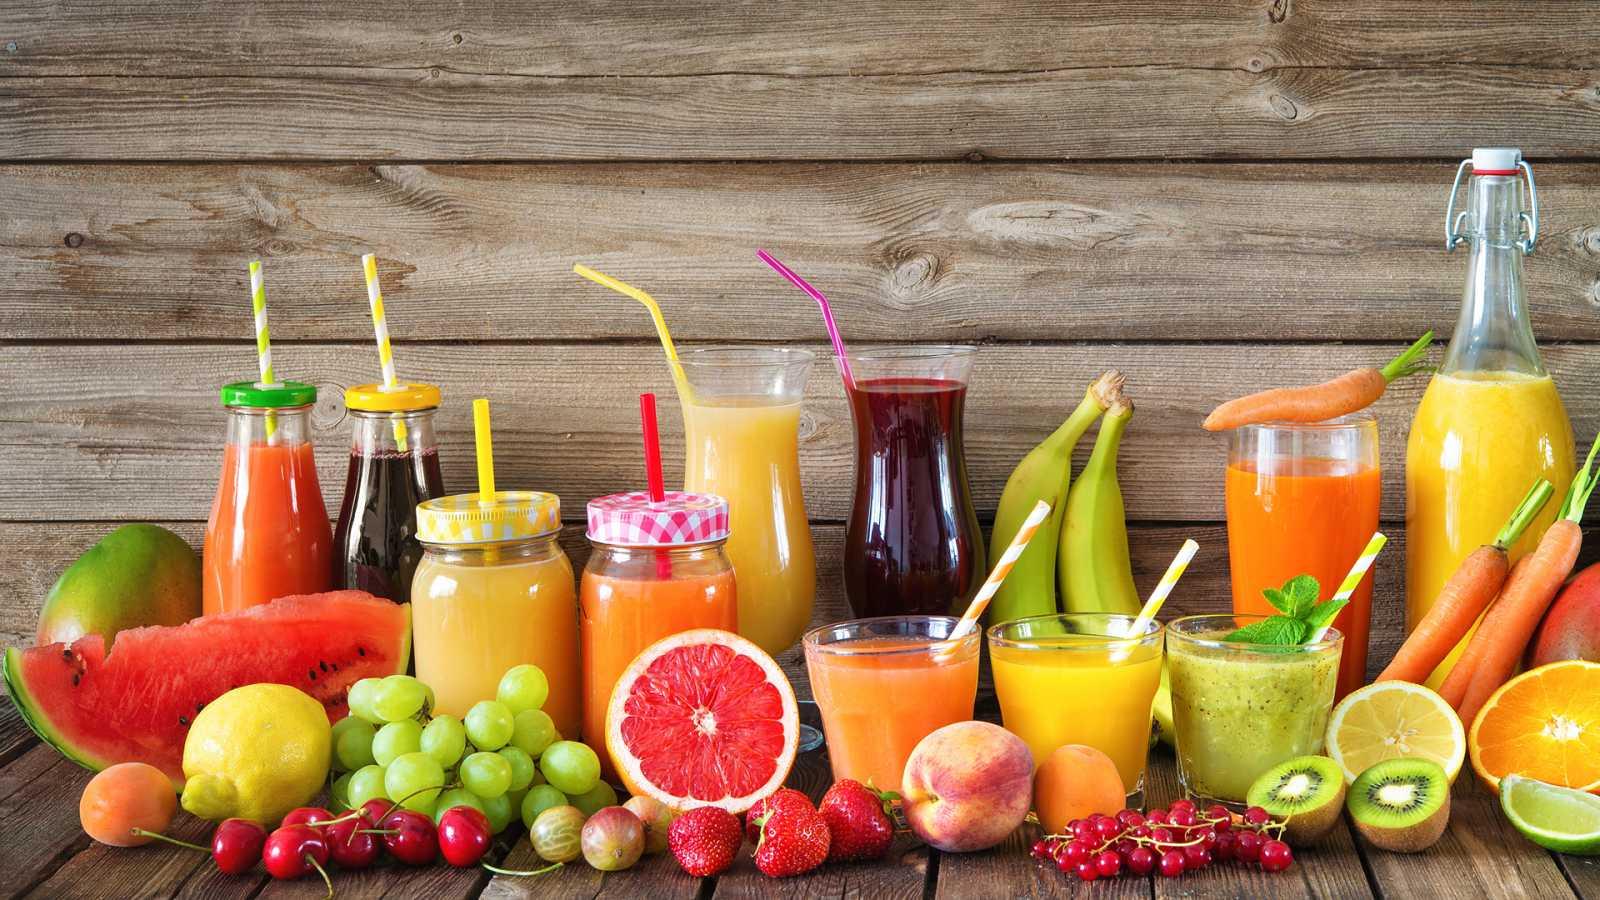 En clave Turismo - Los zumos de fruta elaborados en España - 24/03/21 - escuchar ahora